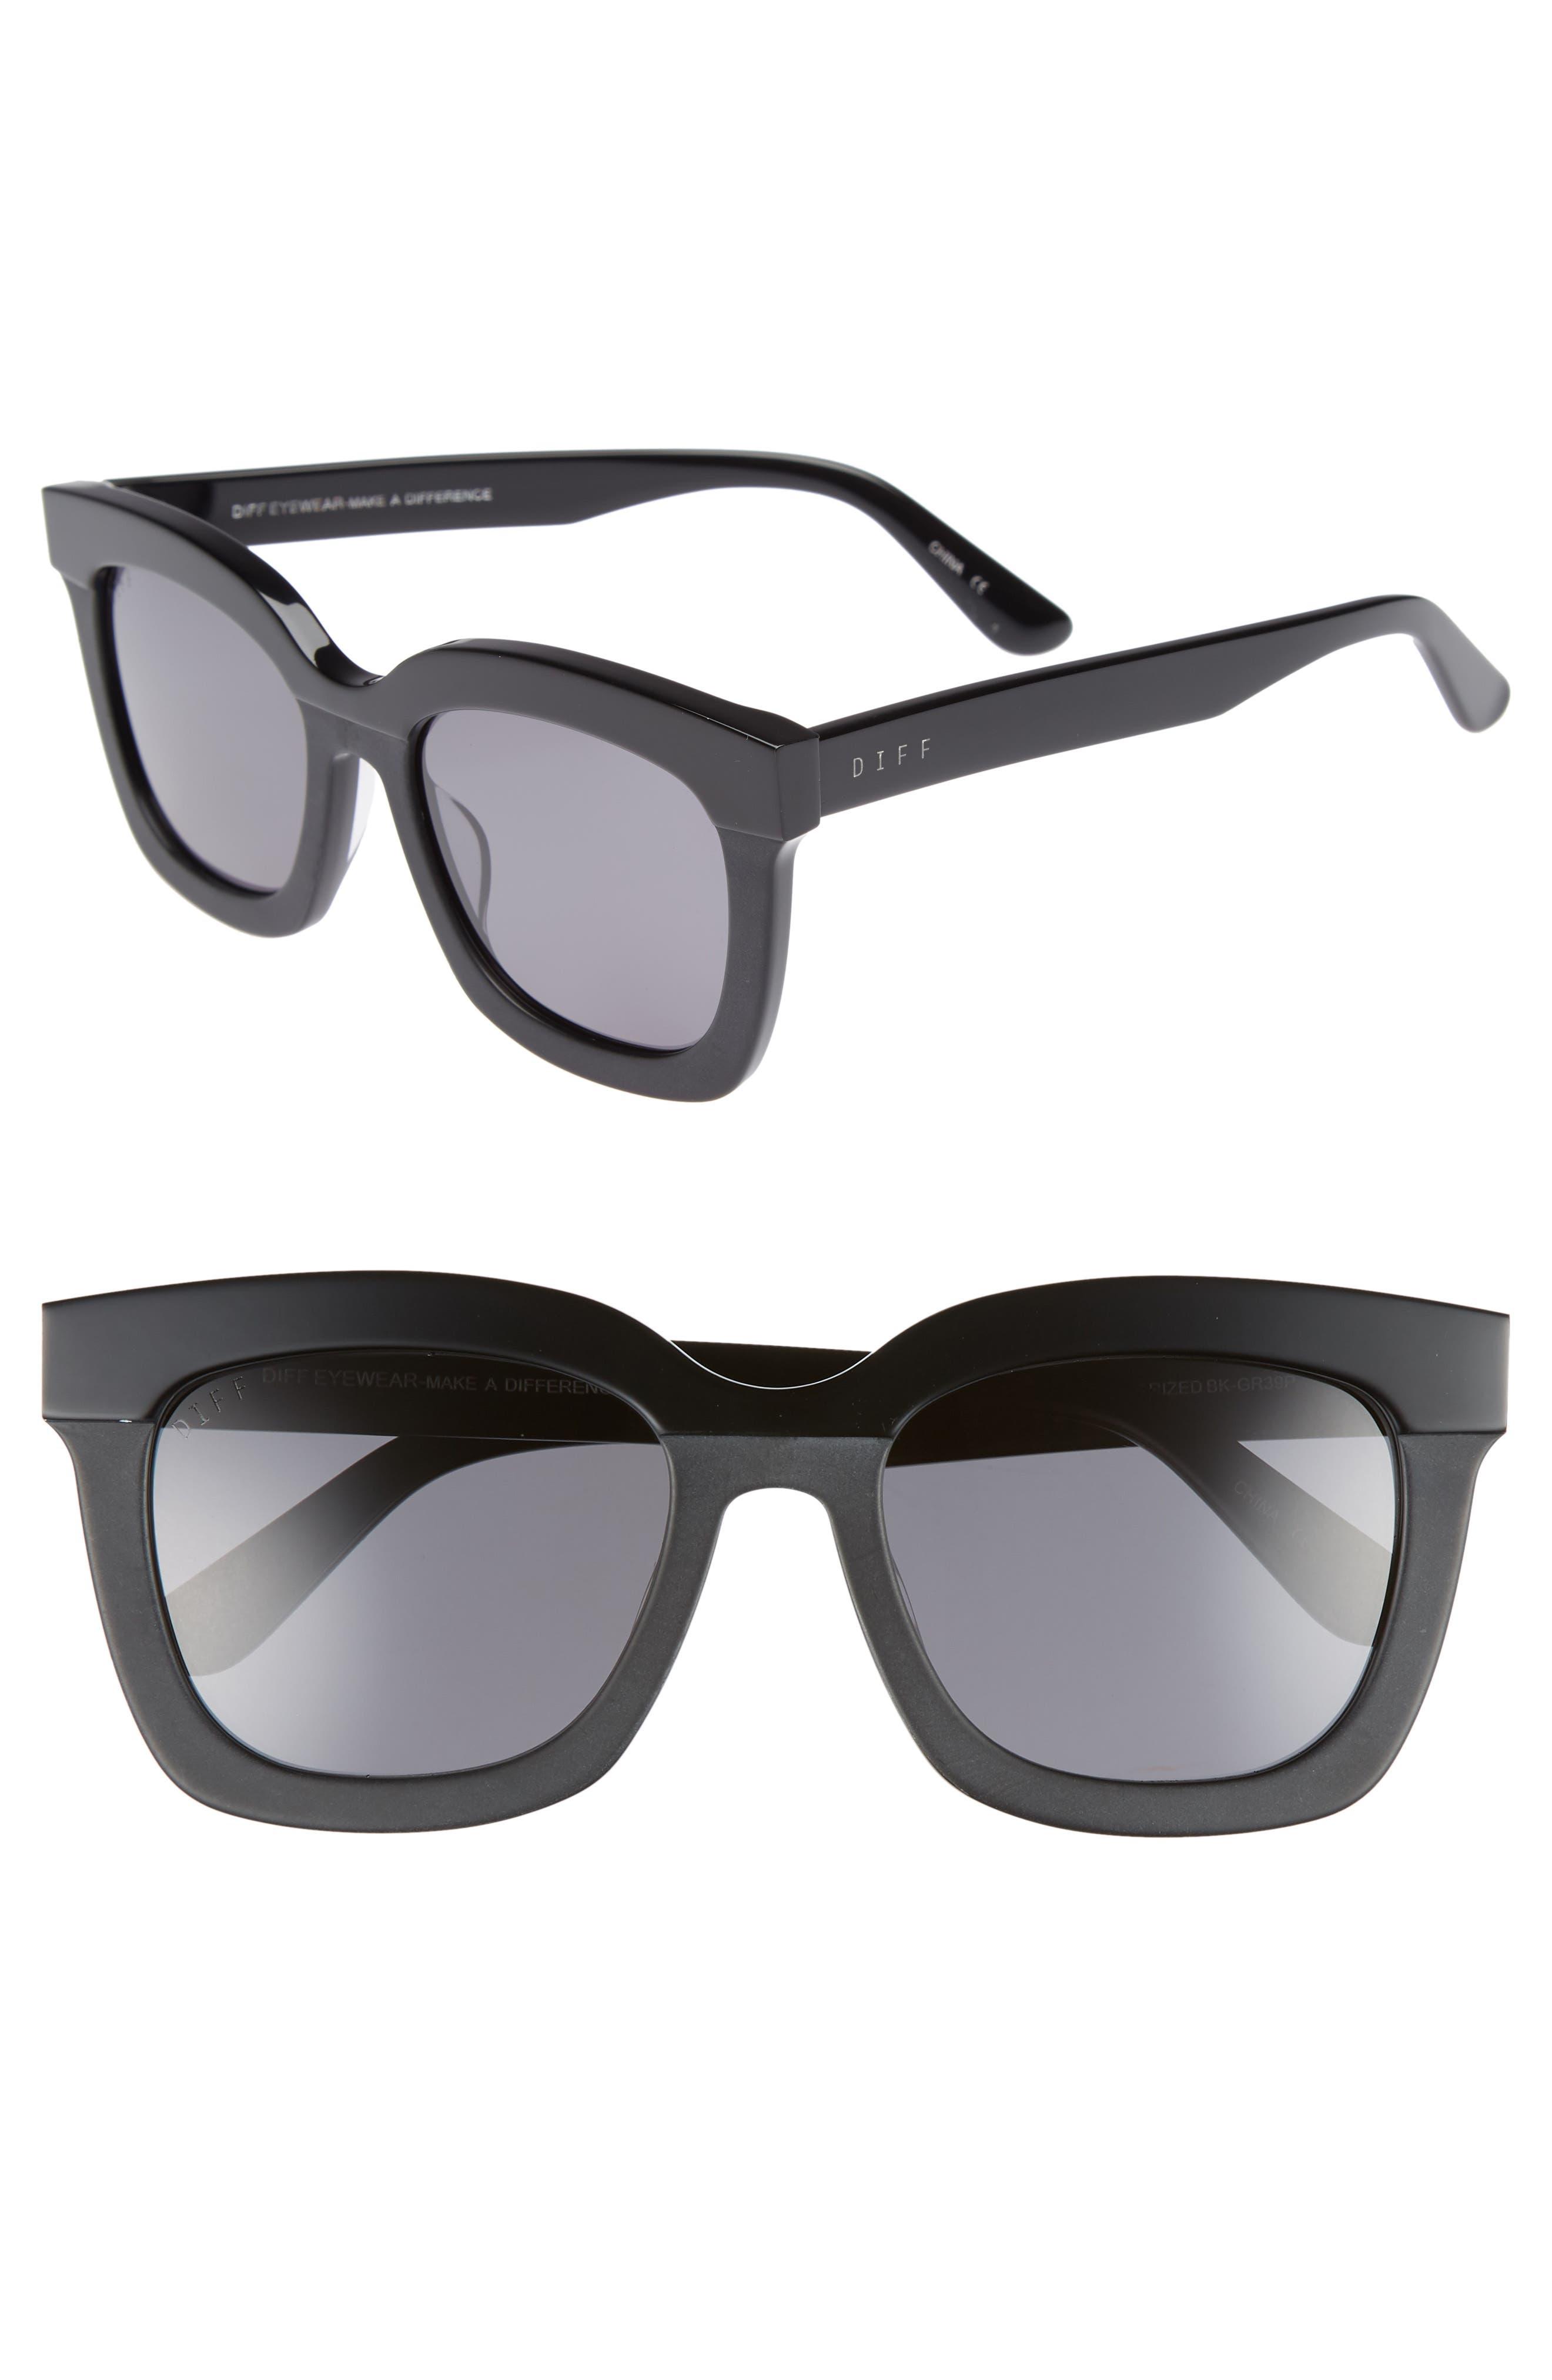 DIFF Carson 53mm Polarized Square Sunglasses, Main, color, BLACK/ GREY